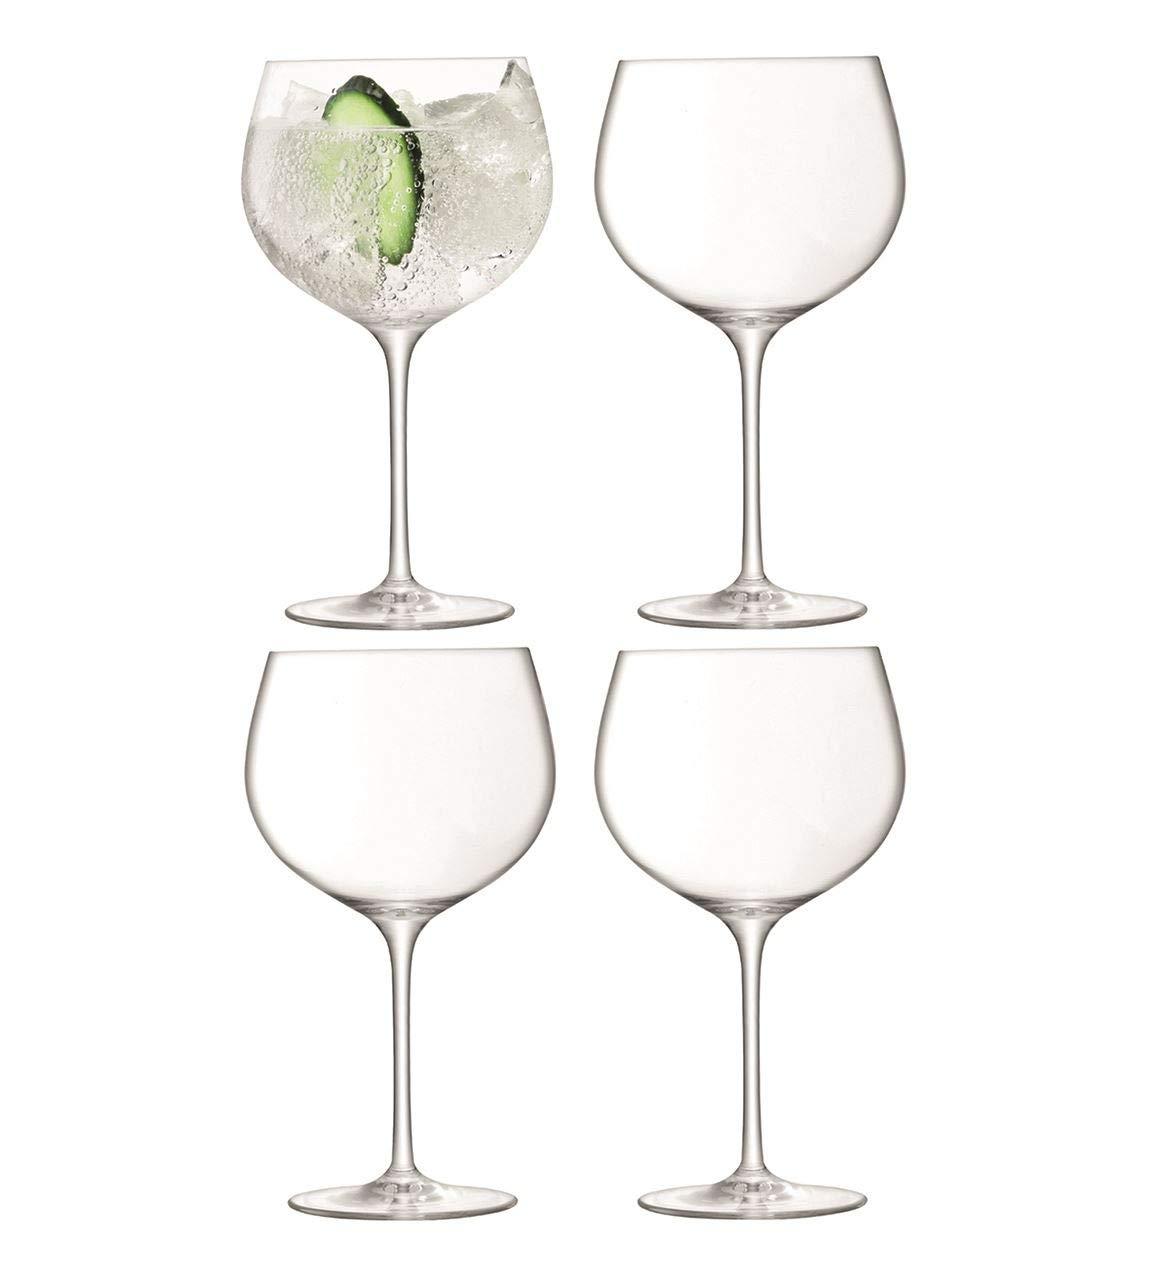 LSA International Balloon Glass, 680 ml G1468-24-301